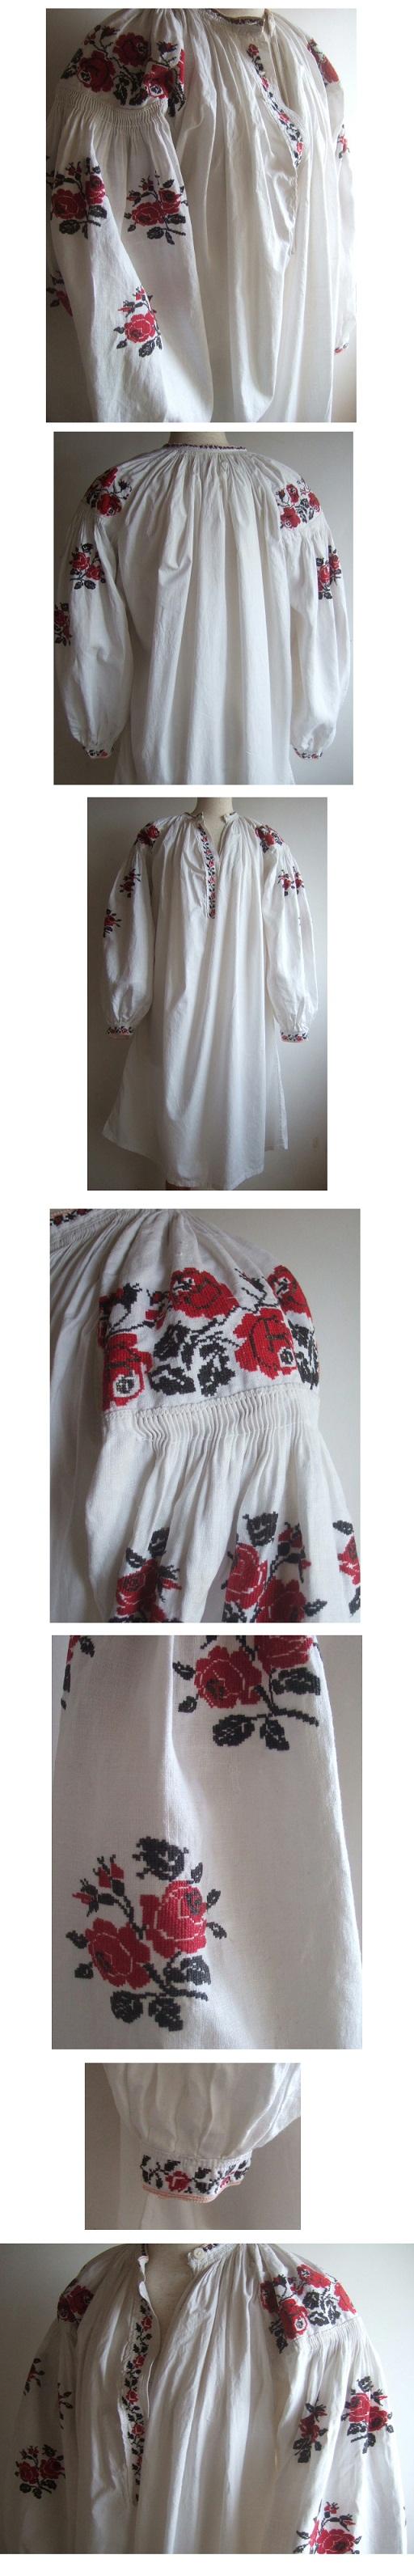 薔薇刺繍ウクライナリネンワンピース